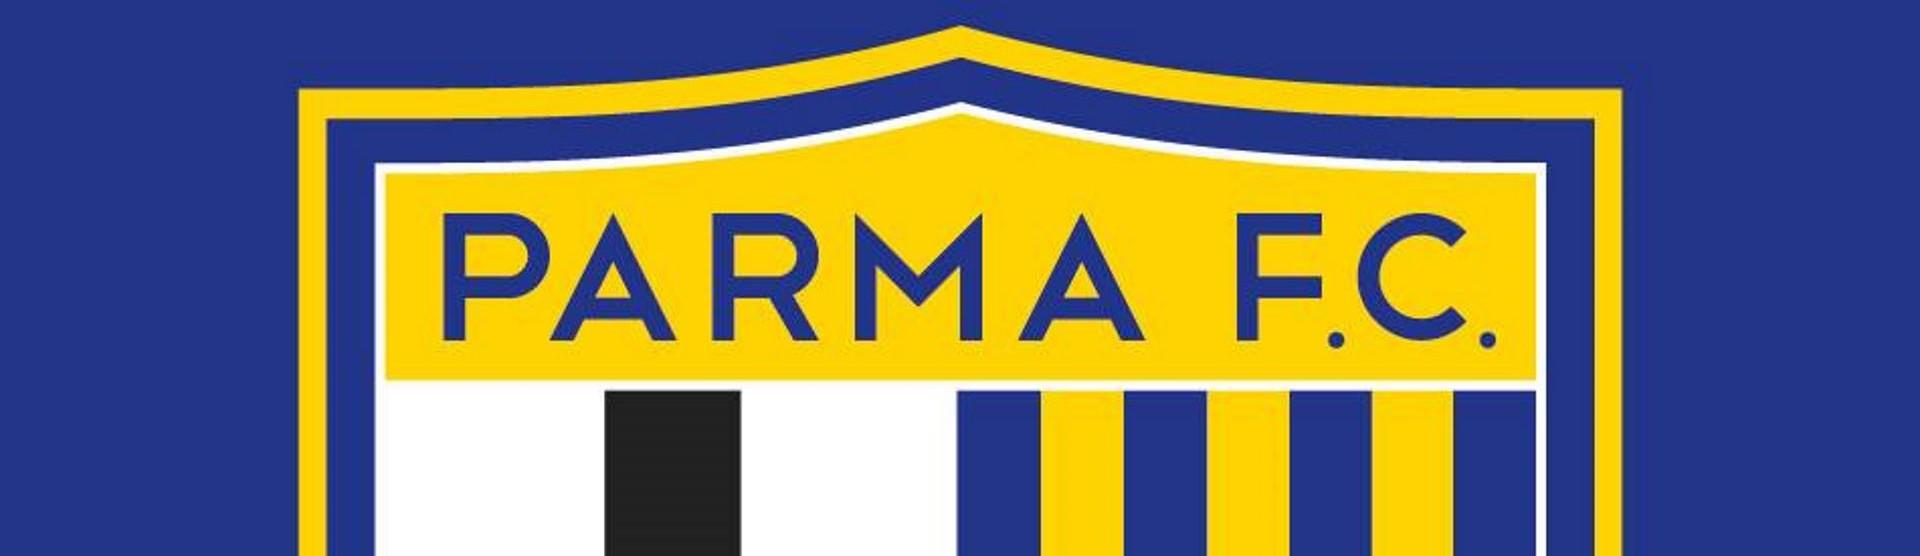 PARMA NA AUKCIJI Početna cijena posrnulog talijanskog nogometnog kluba iznosi 20 milijuna eura